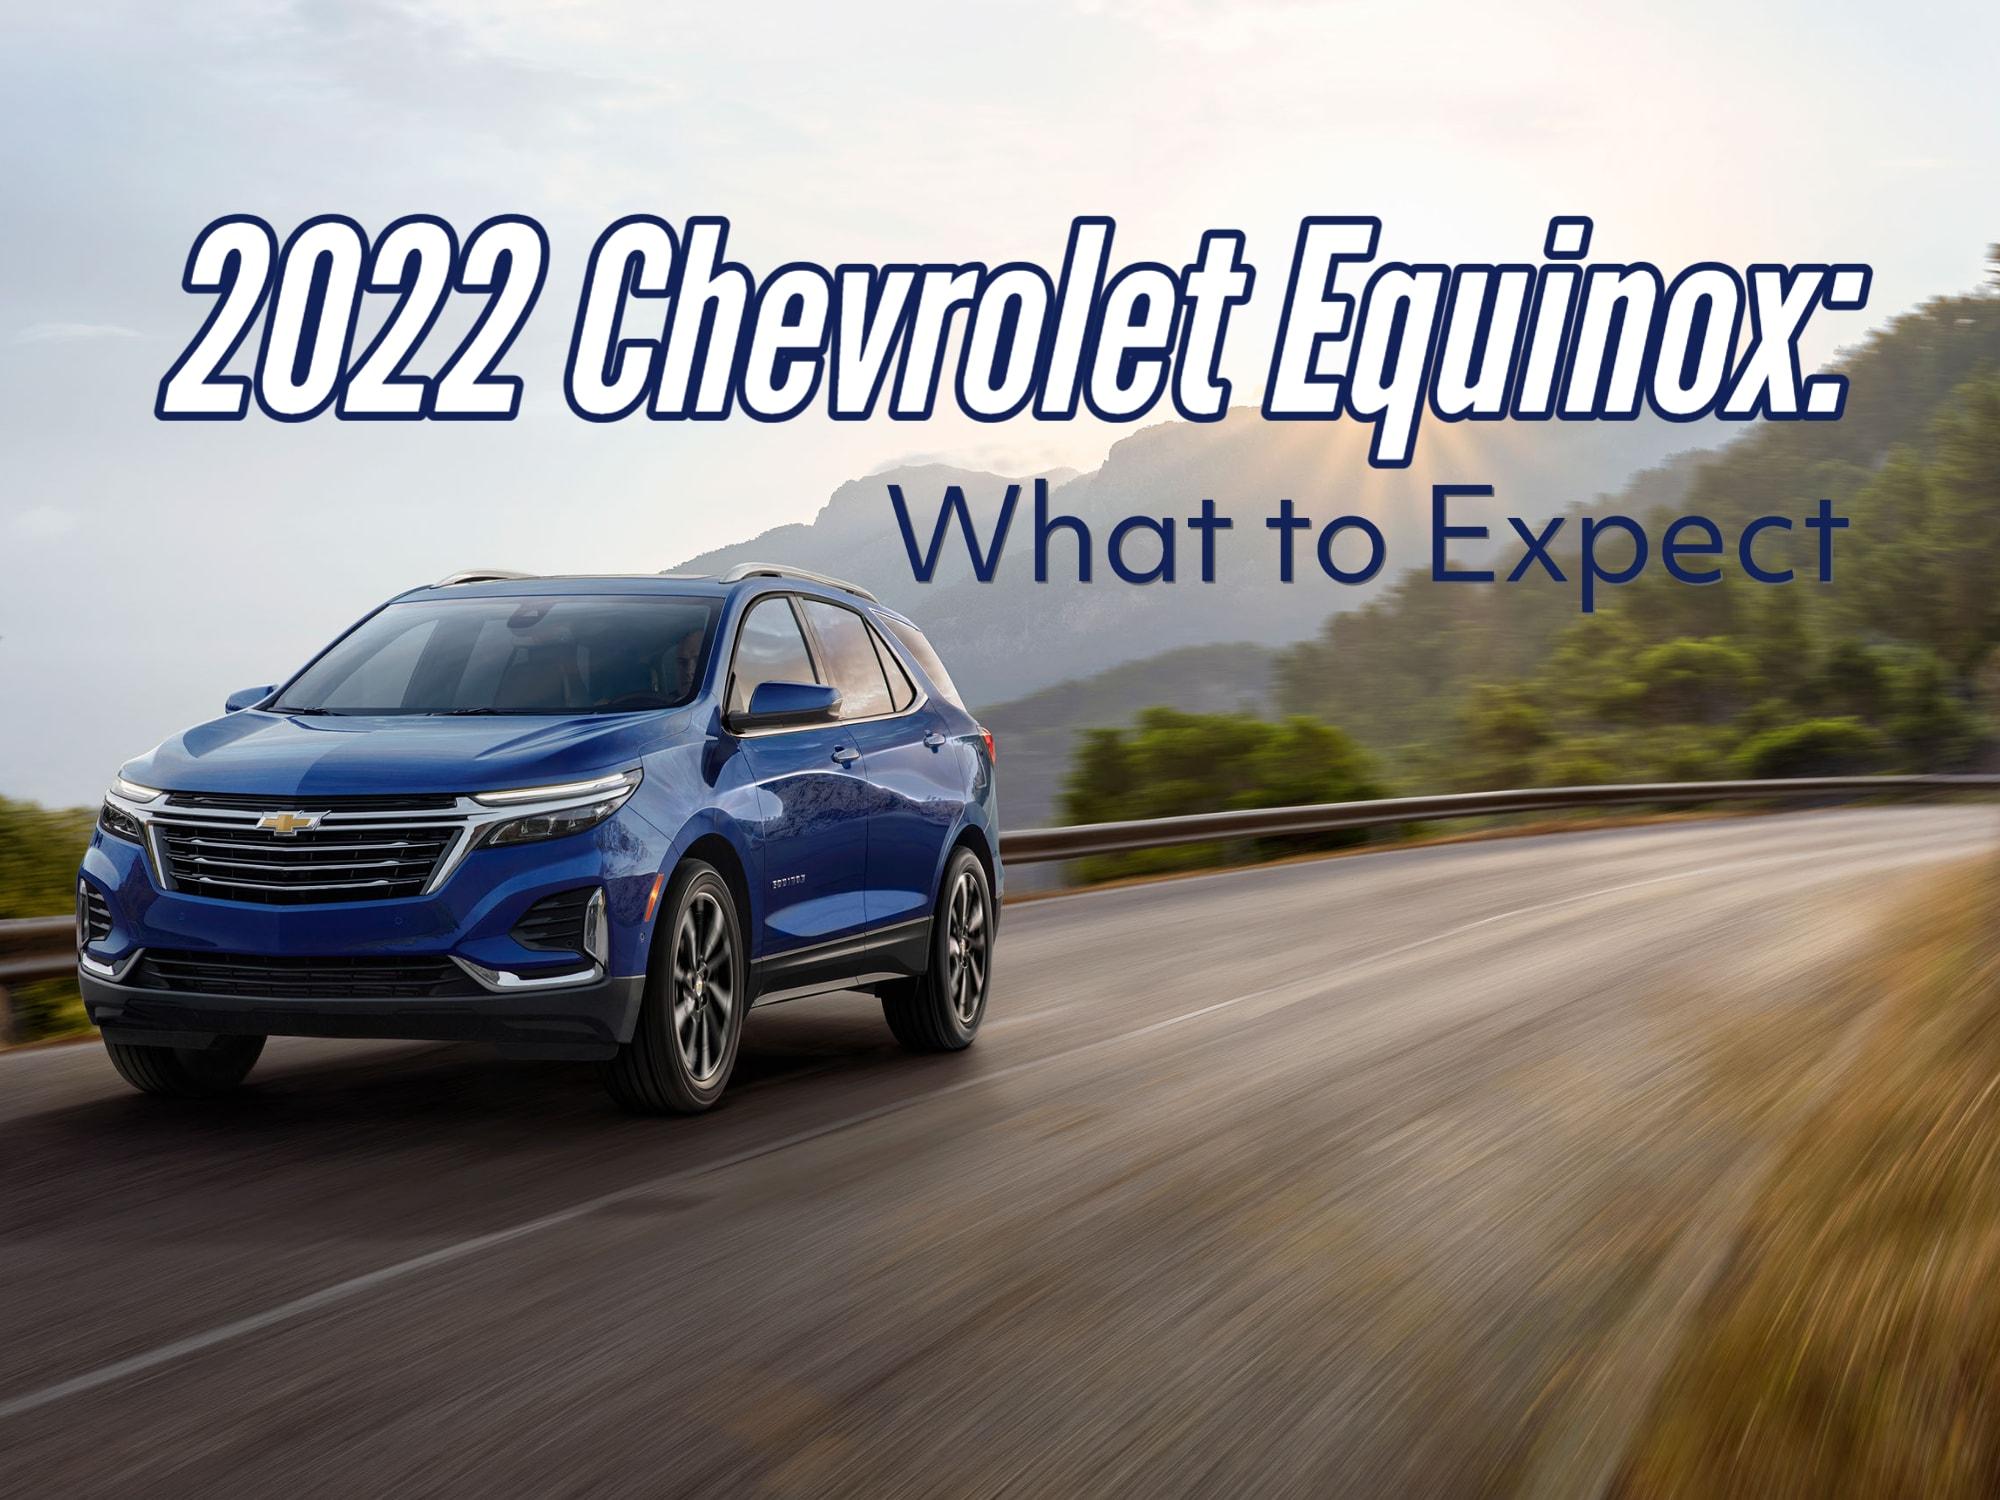 Blue 2022 Chevrolet Equinox SUV driving on hillside